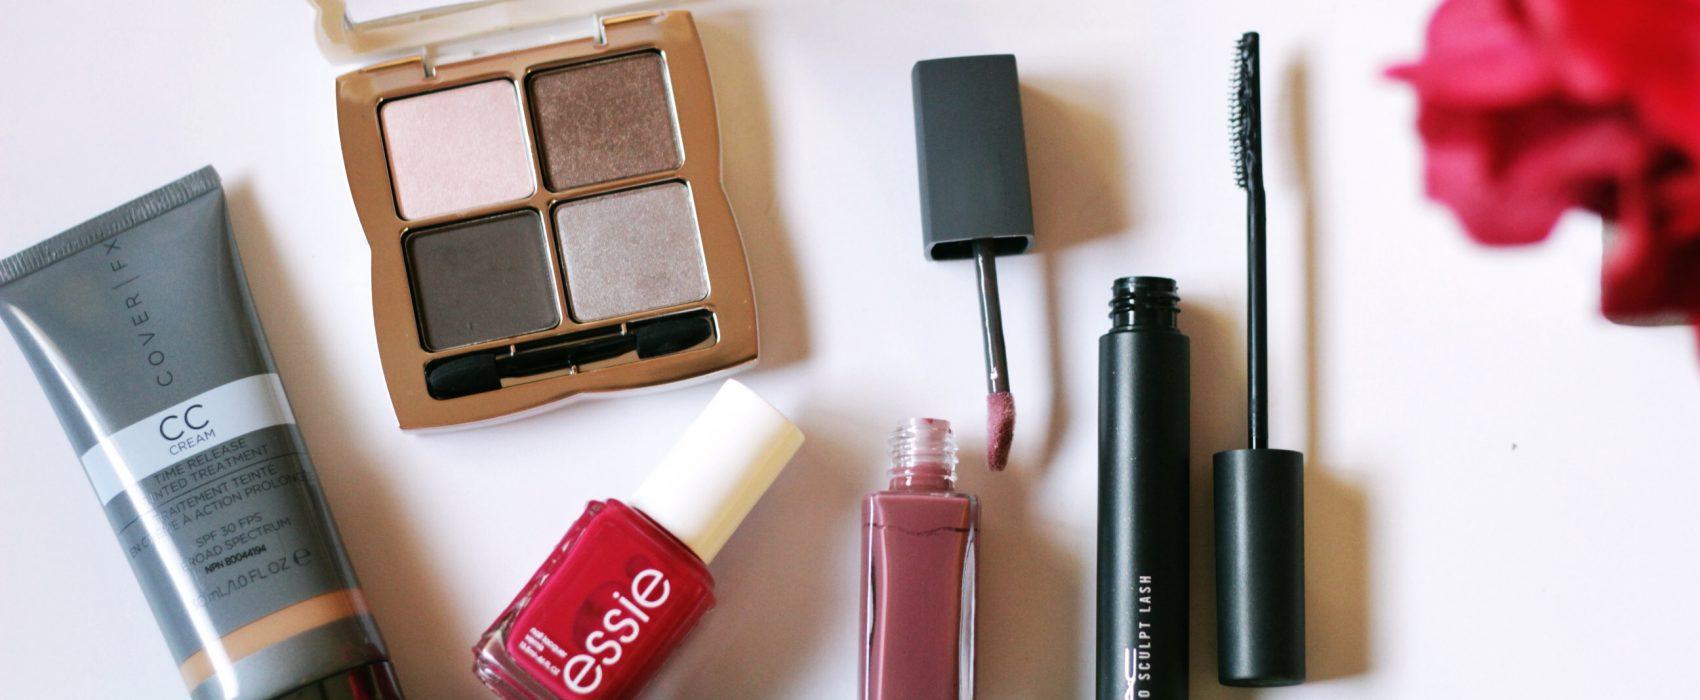 Travel-Bag-Makeuplifelove-April